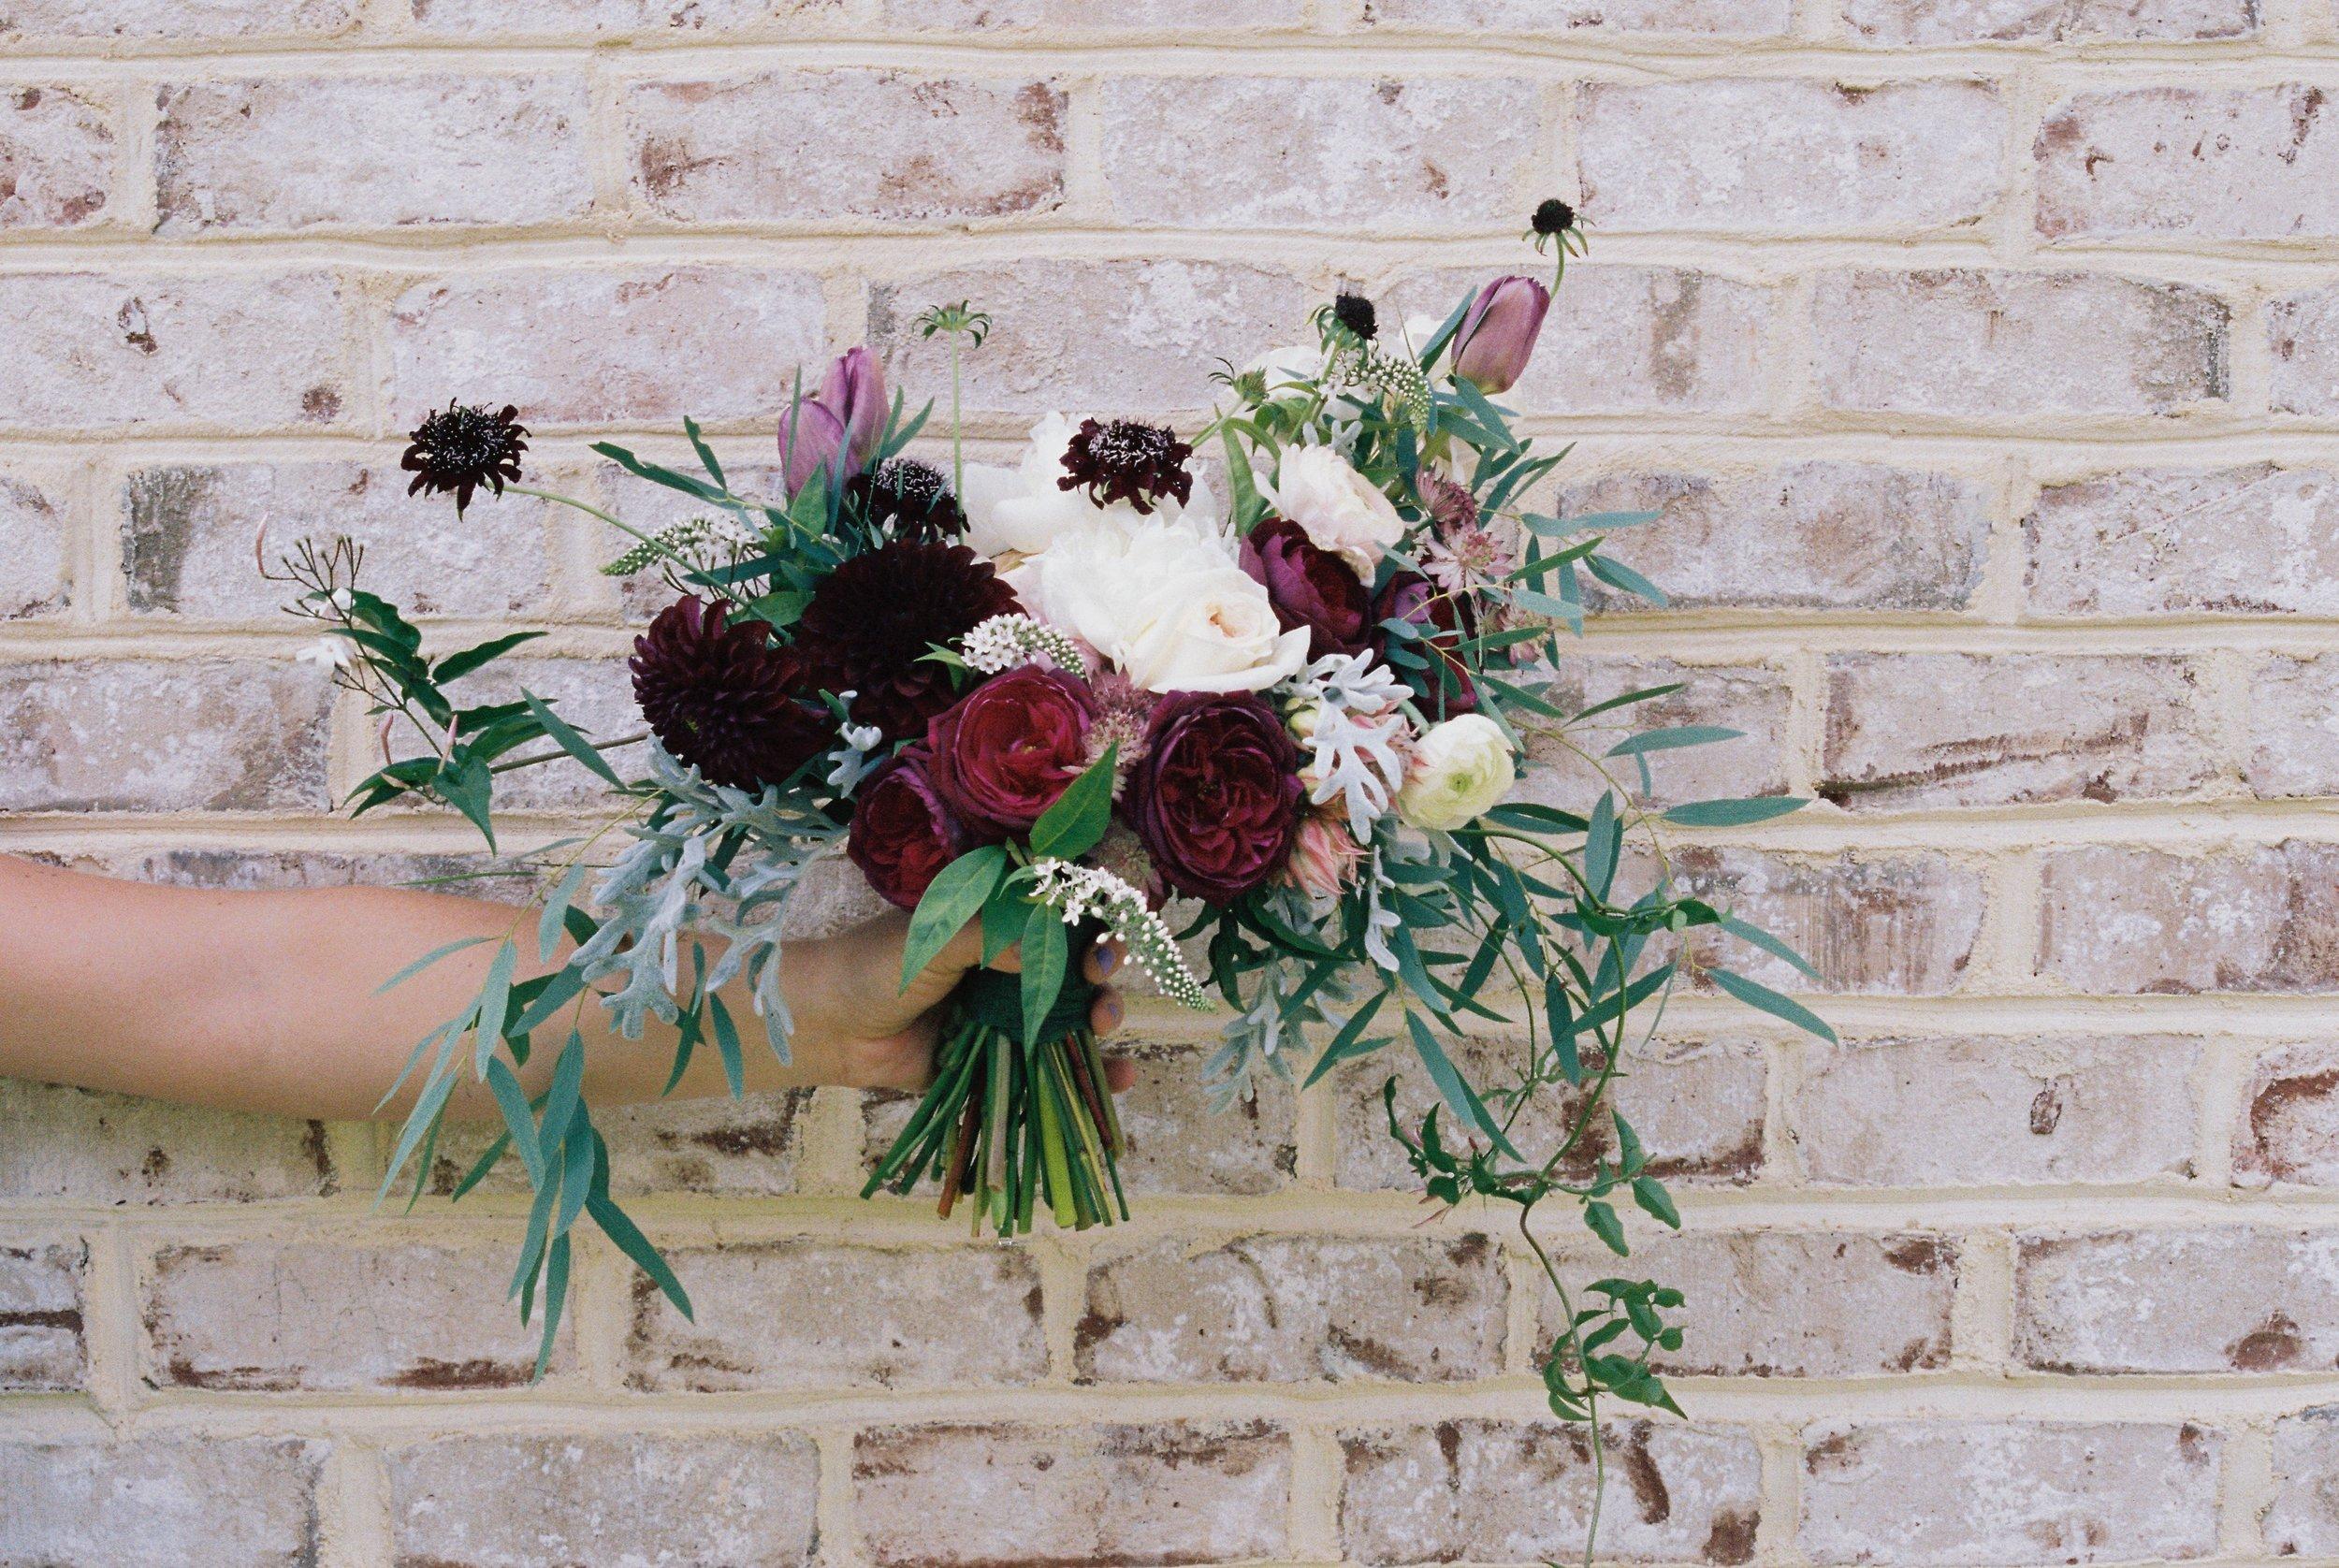 bouquet-bunch-of-flowers-flowers-6742.jpg